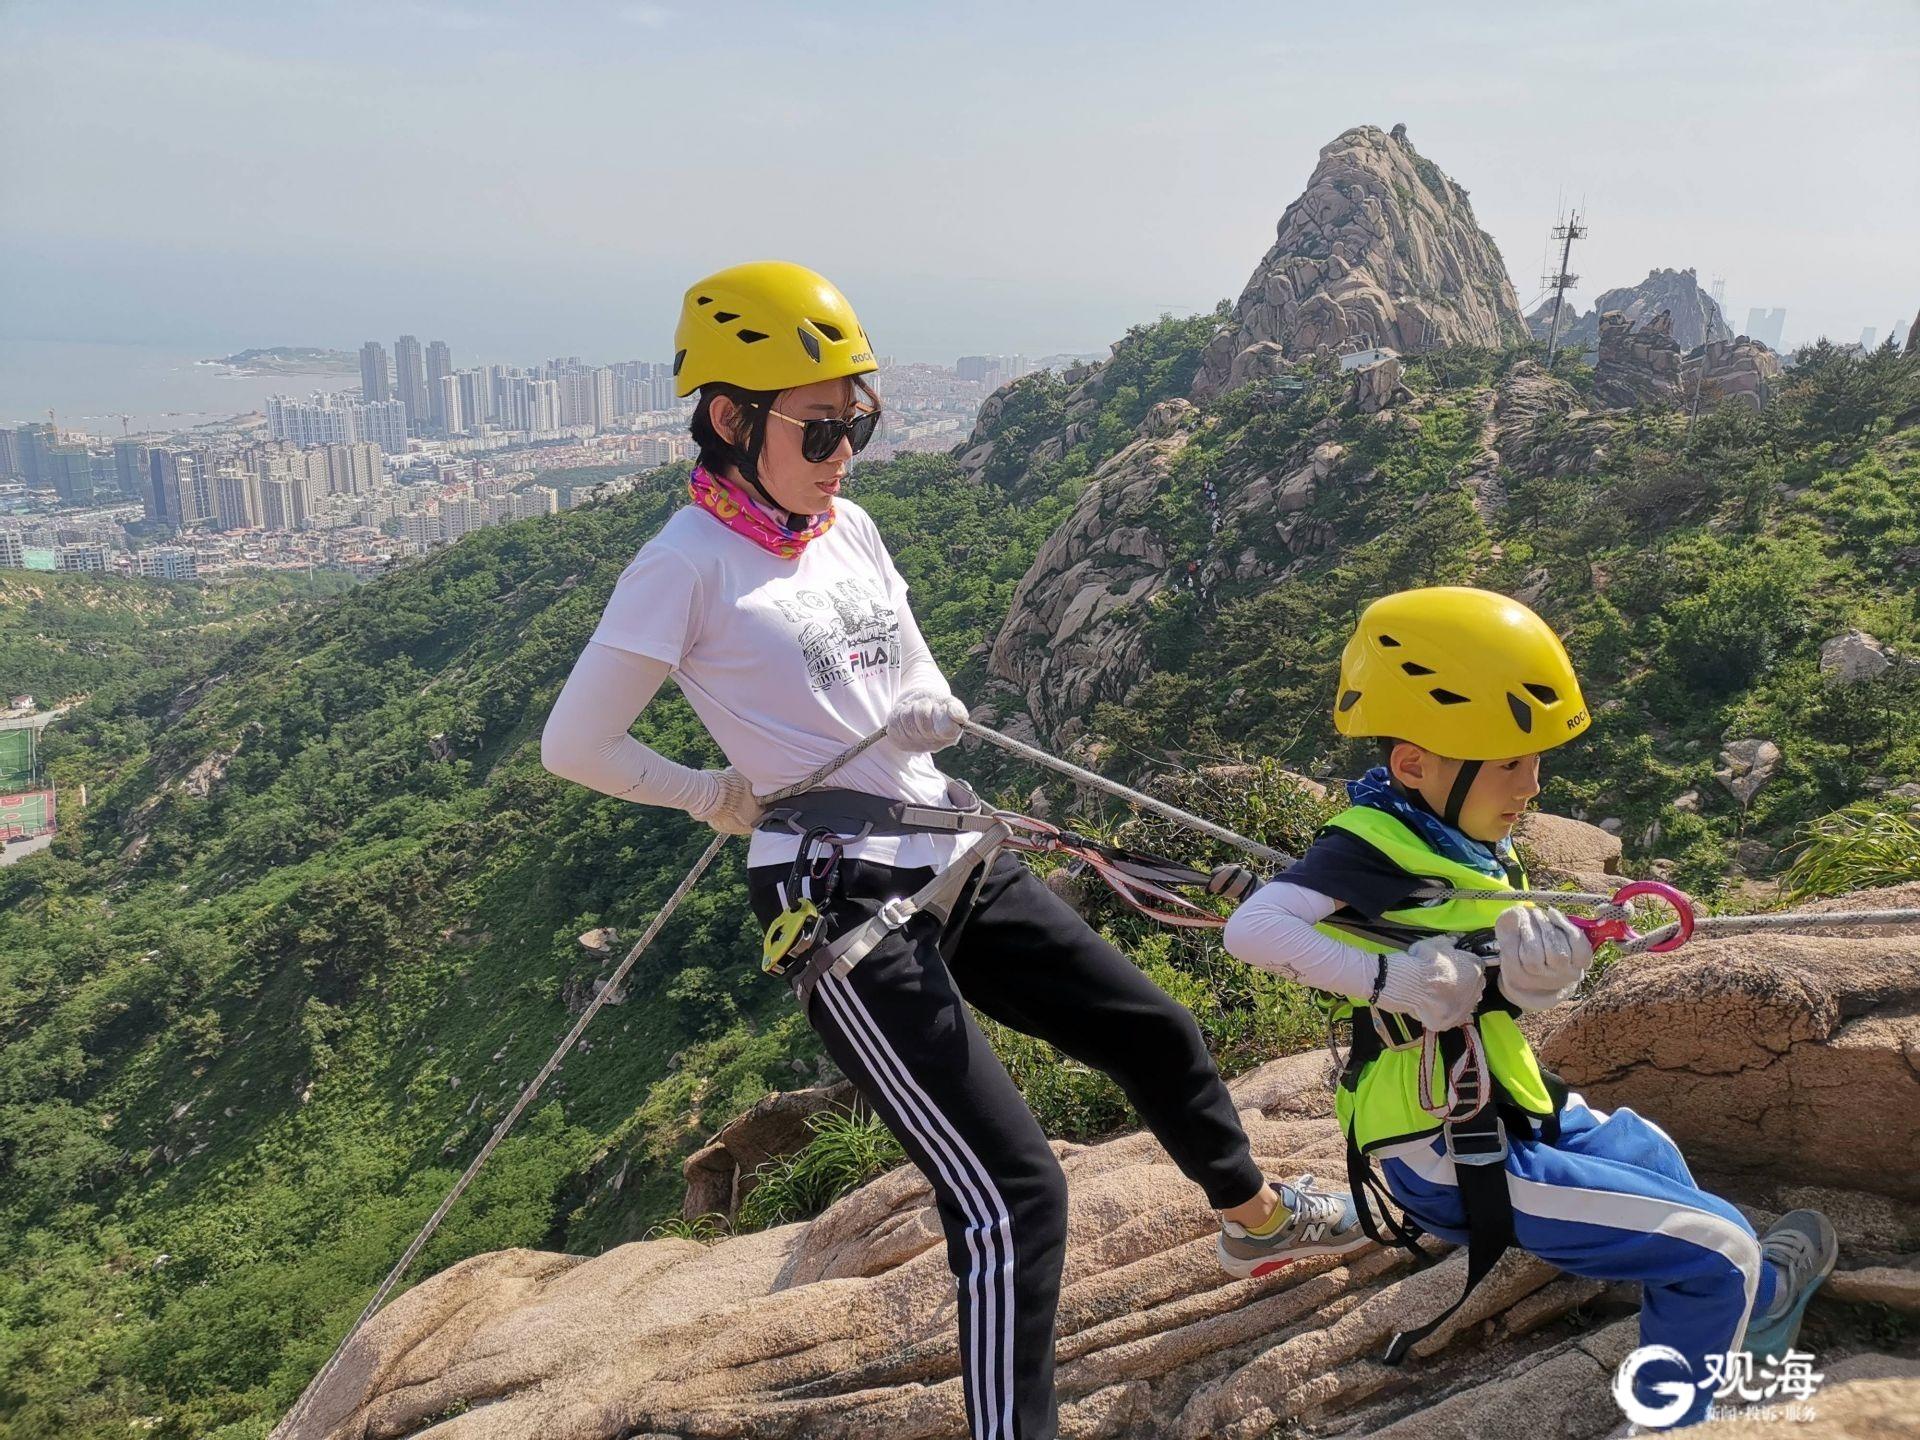 爬山、远足、攀岩受青岛人喜爱,节假日每天活动爆满